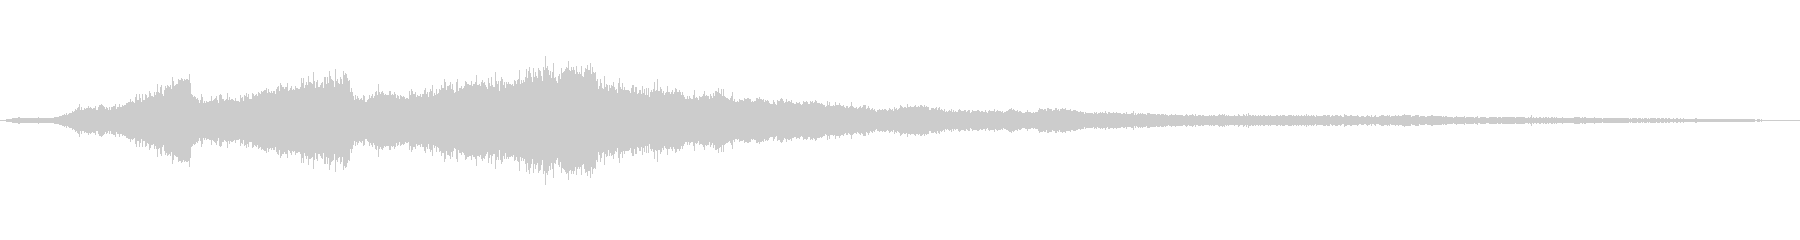 車 Camaro Accelera...の未再生の波形